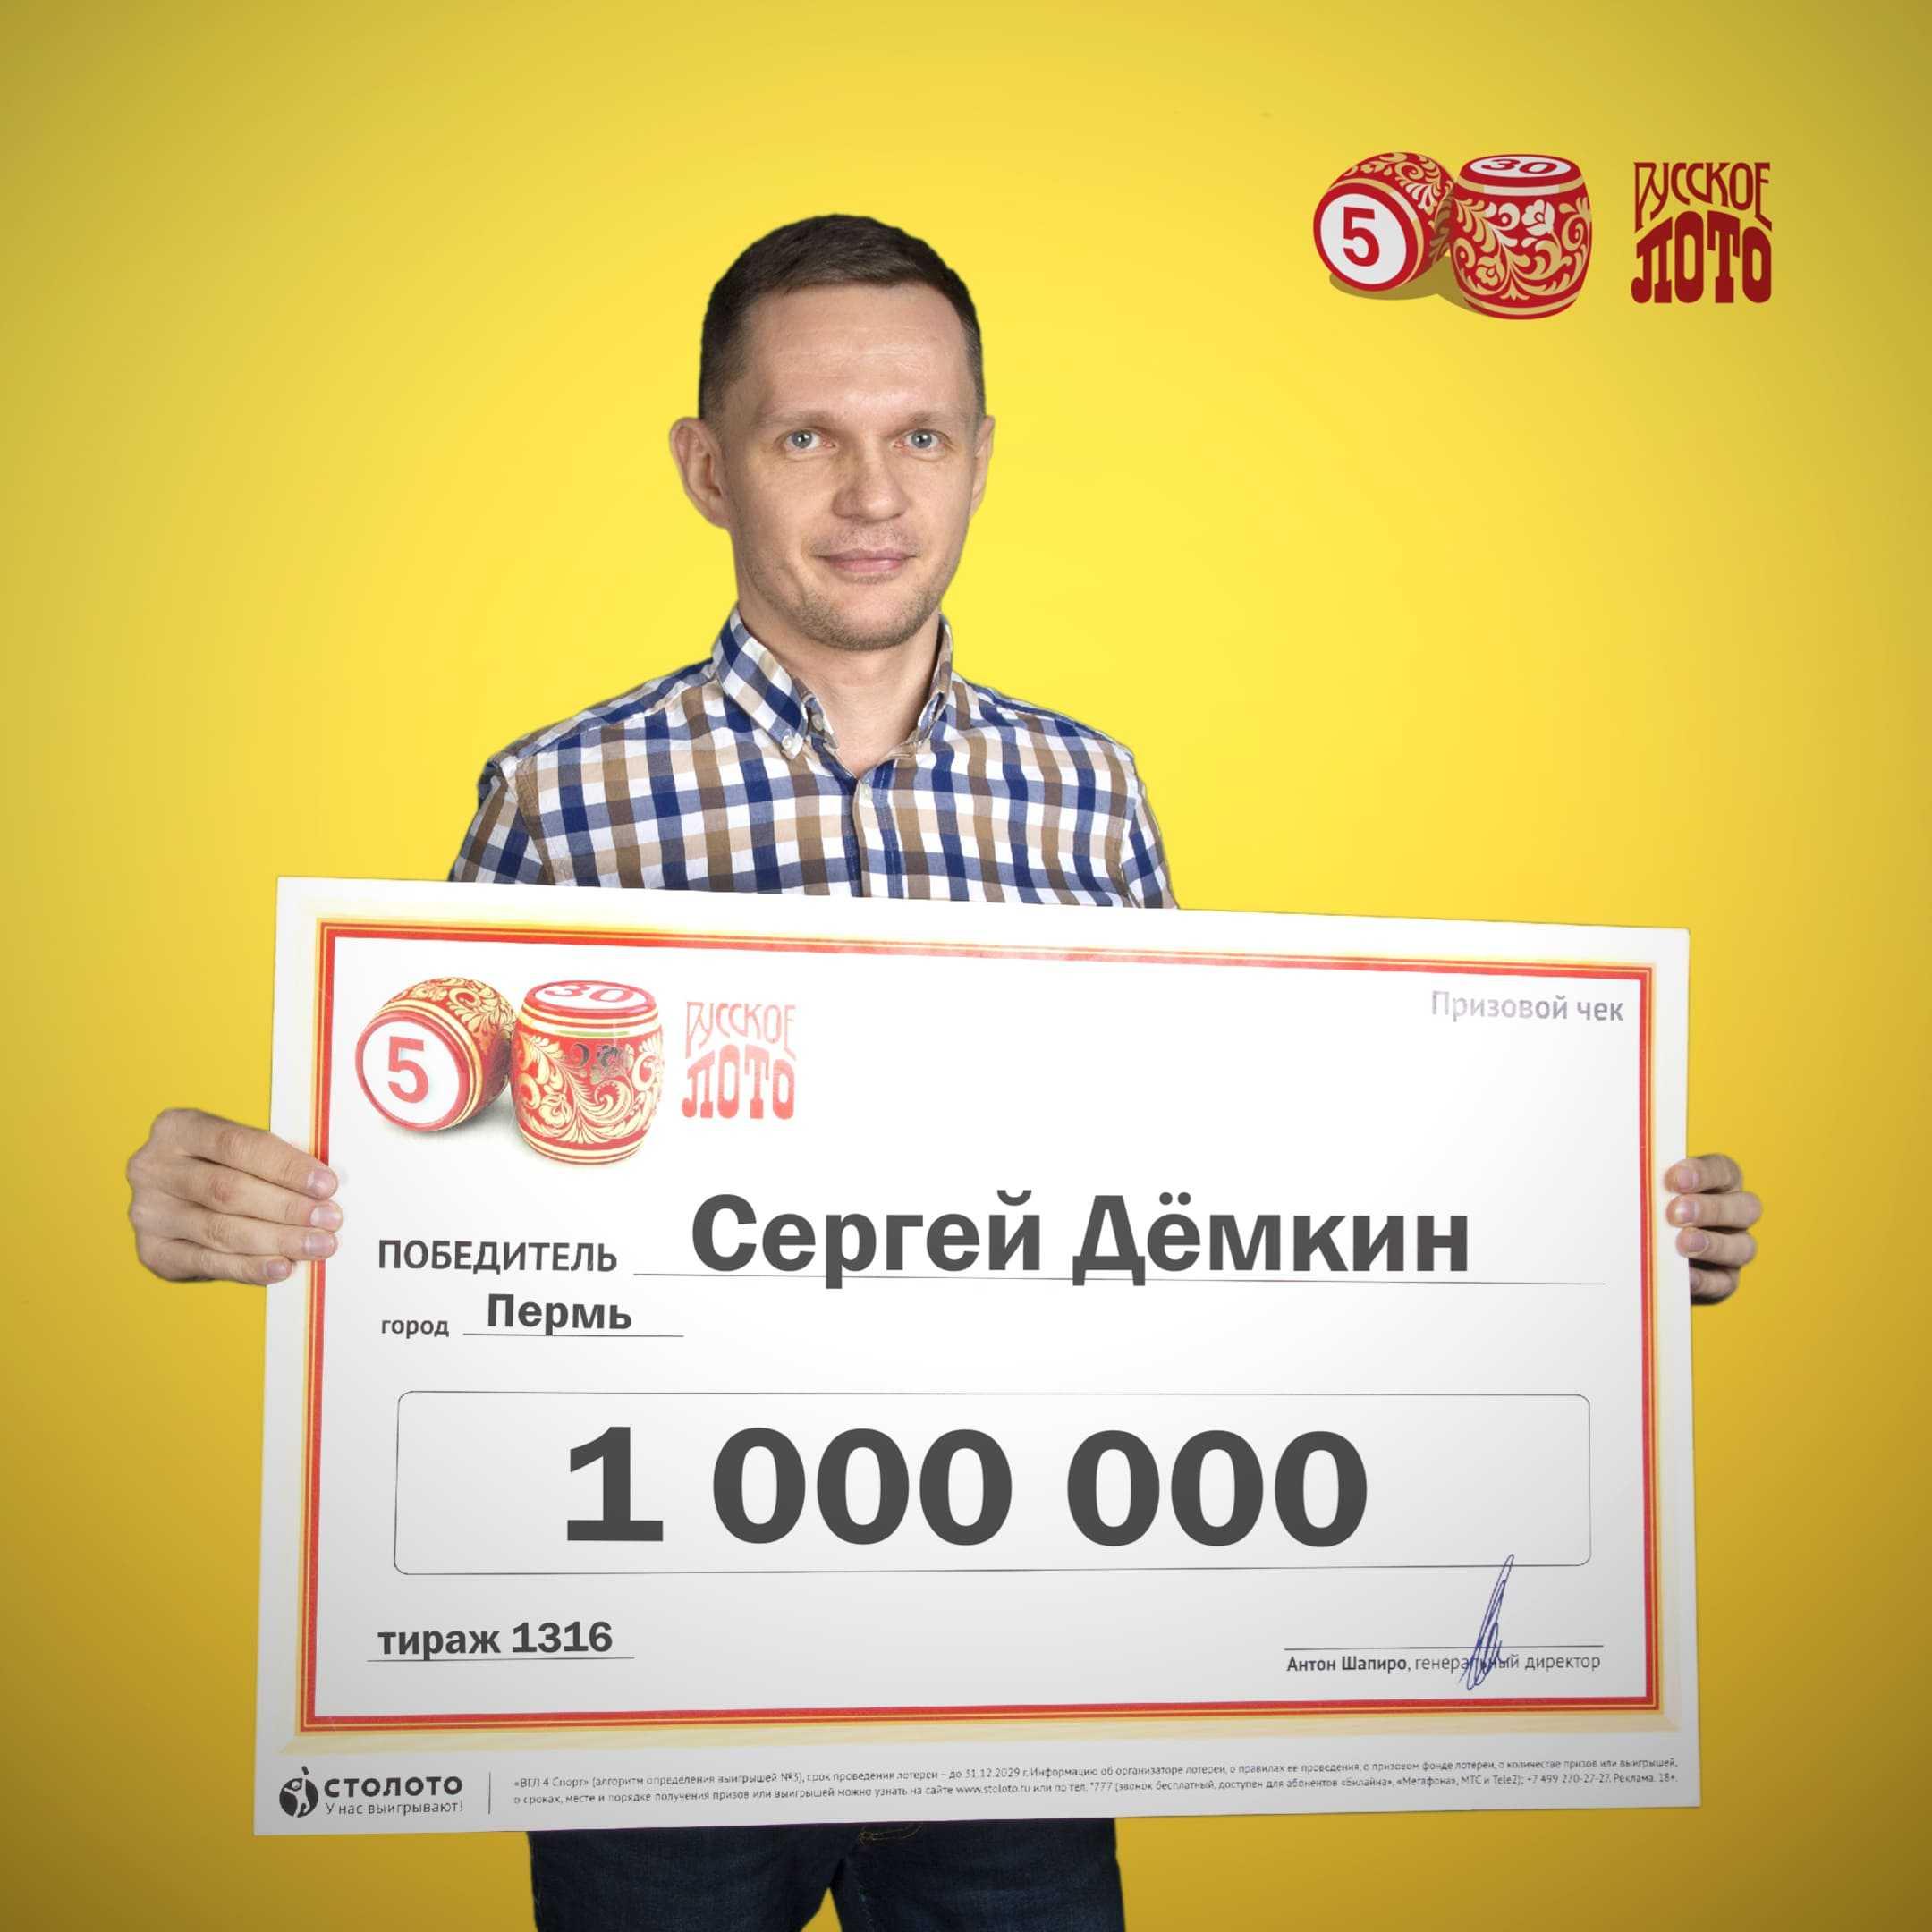 Как выиграть в лотерею крупную сумму денег - секреты игры